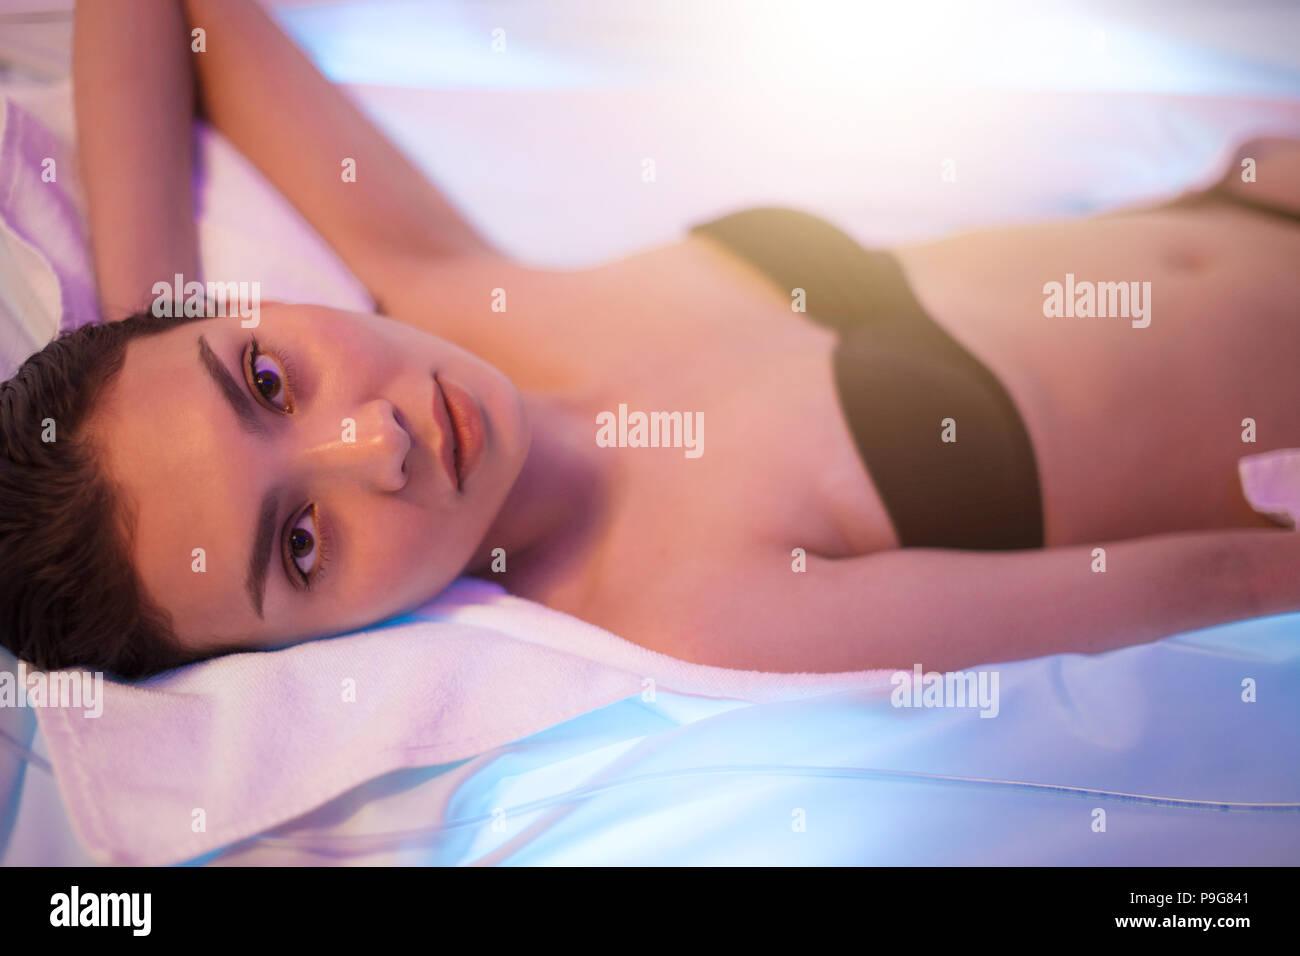 Eine Quelle von Energie. Gut aussehende Mädchen mit schwarzen Haaren liegen auf dem modernen Sonnenbank Stockbild